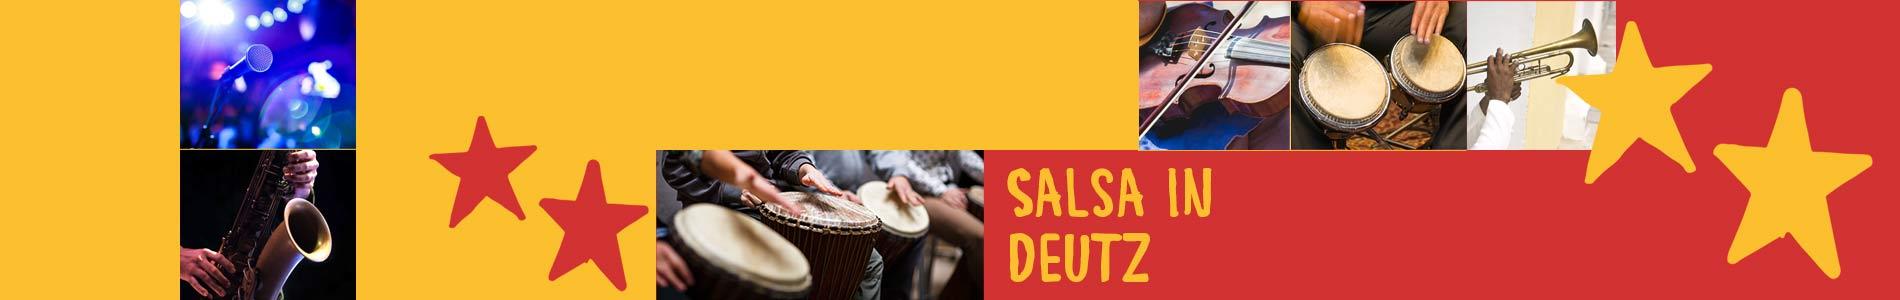 Salsa in Deutz – Salsa lernen und tanzen, Tanzkurse, Partys, Veranstaltungen